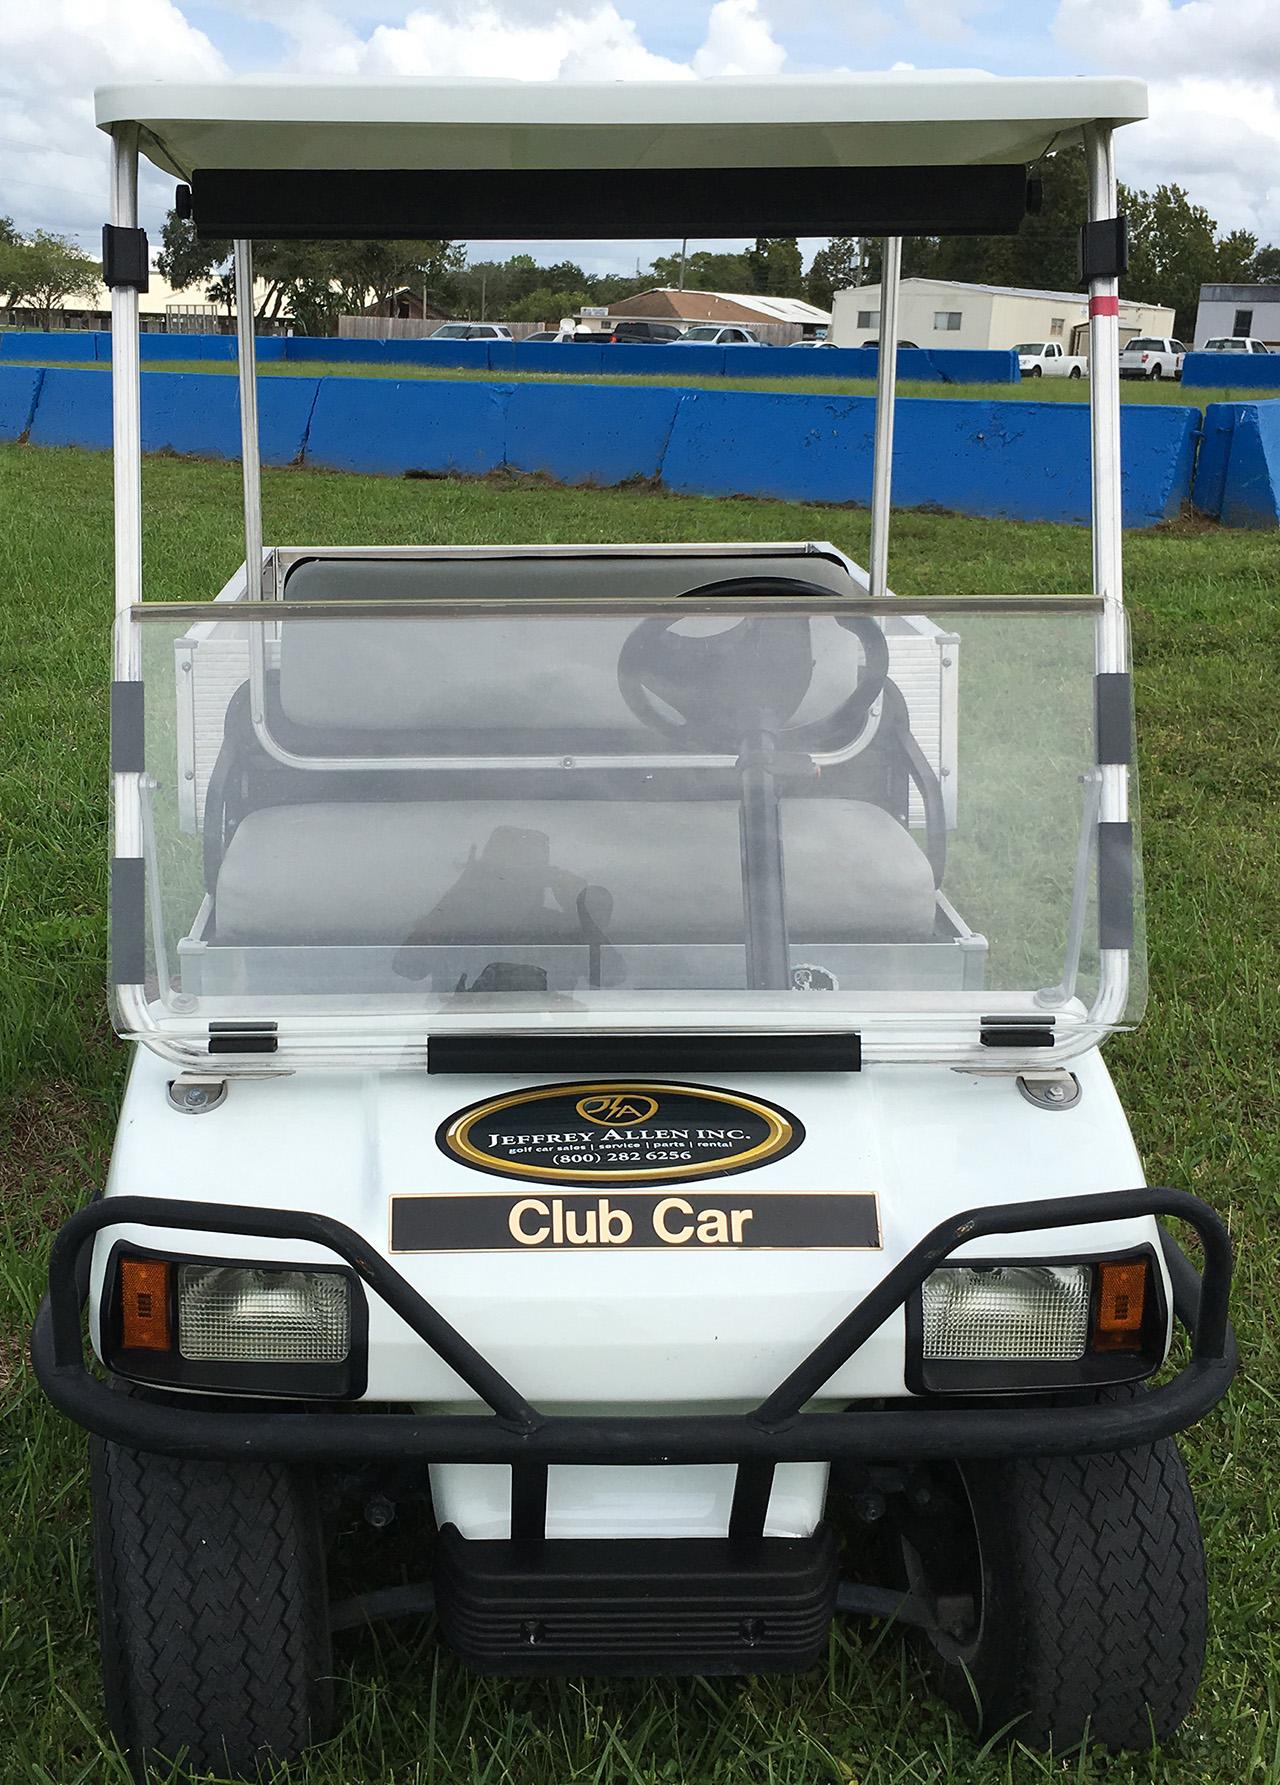 golf car rentals in key west